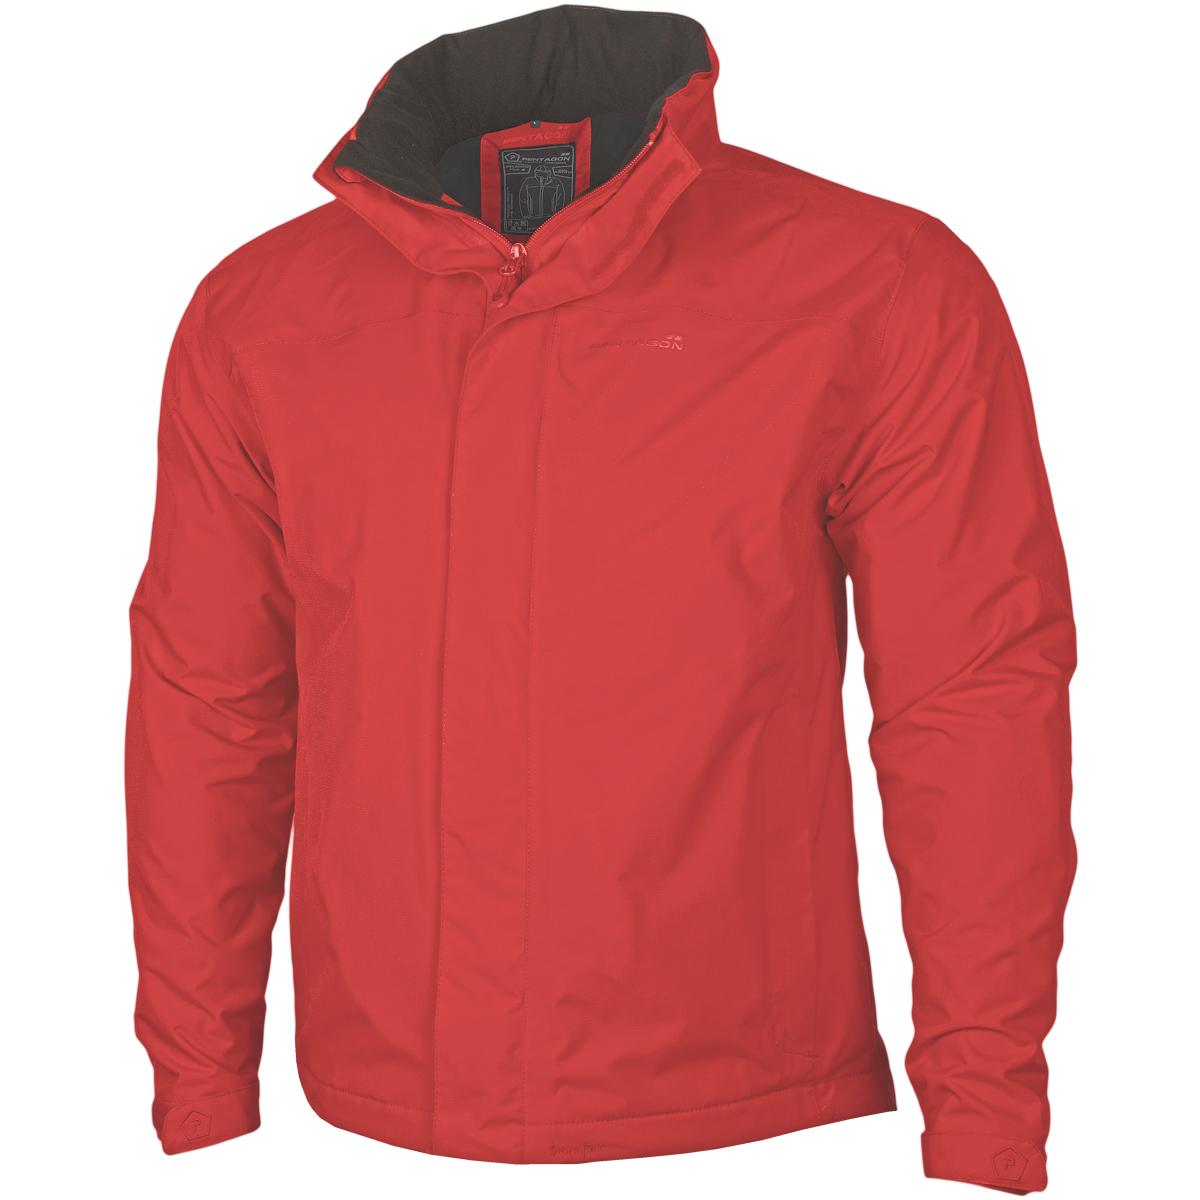 Pentagon Atlantic Plus Rain Jacket Warm Mens Skiing Fleece Nylon ...